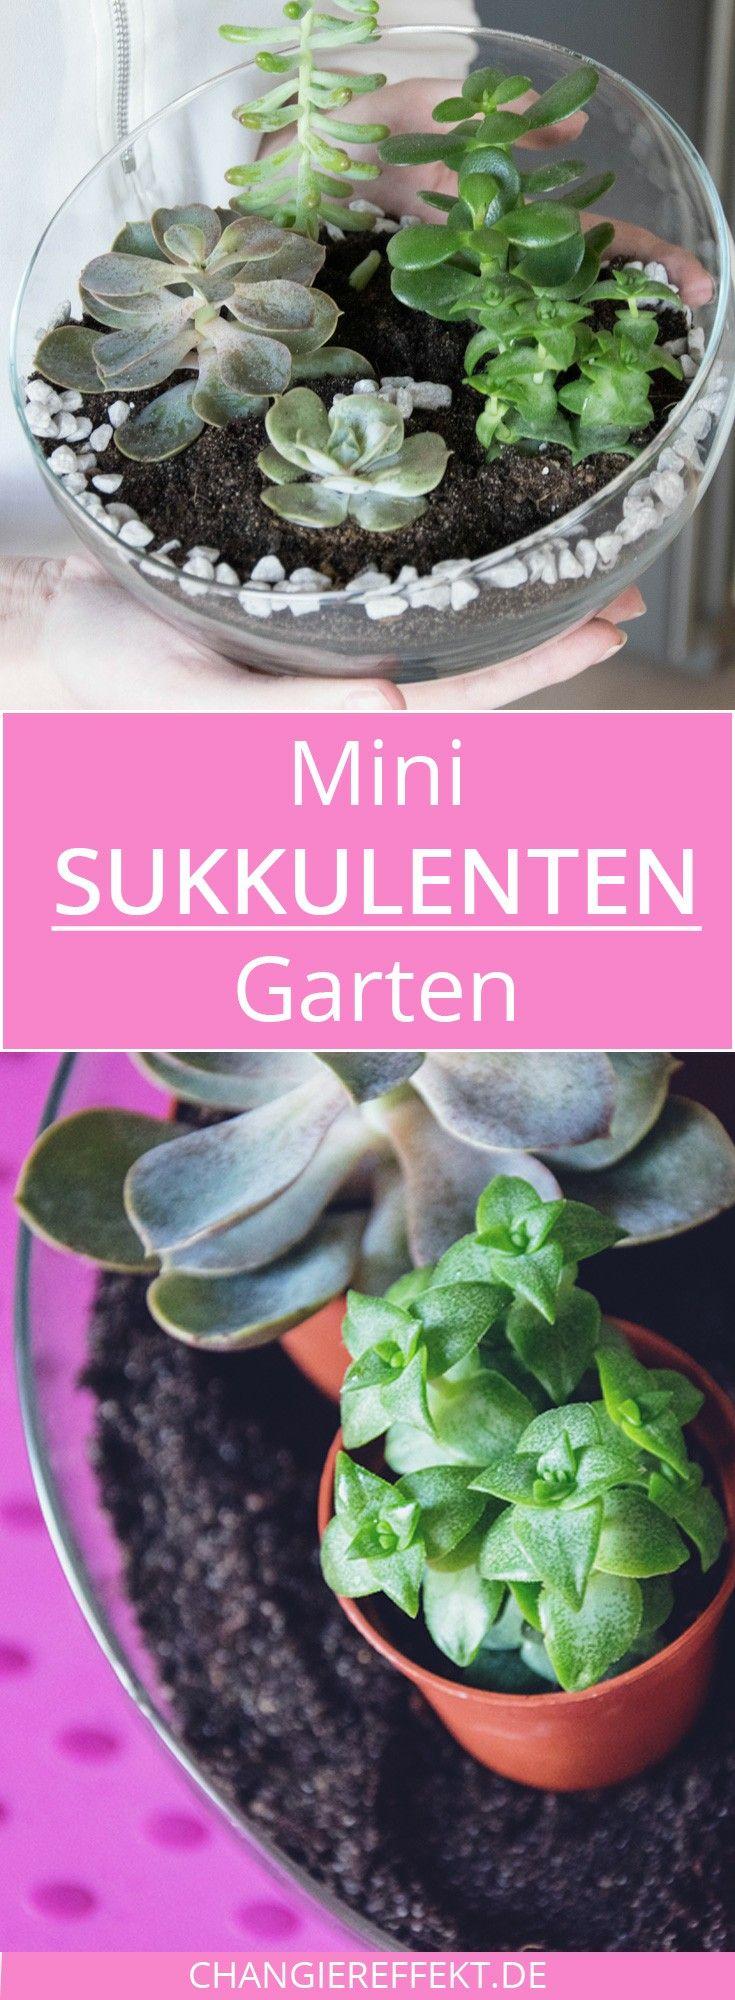 sukkulenten mini garten zum selbermachen - diy | minis, garten und, Gartenbeit